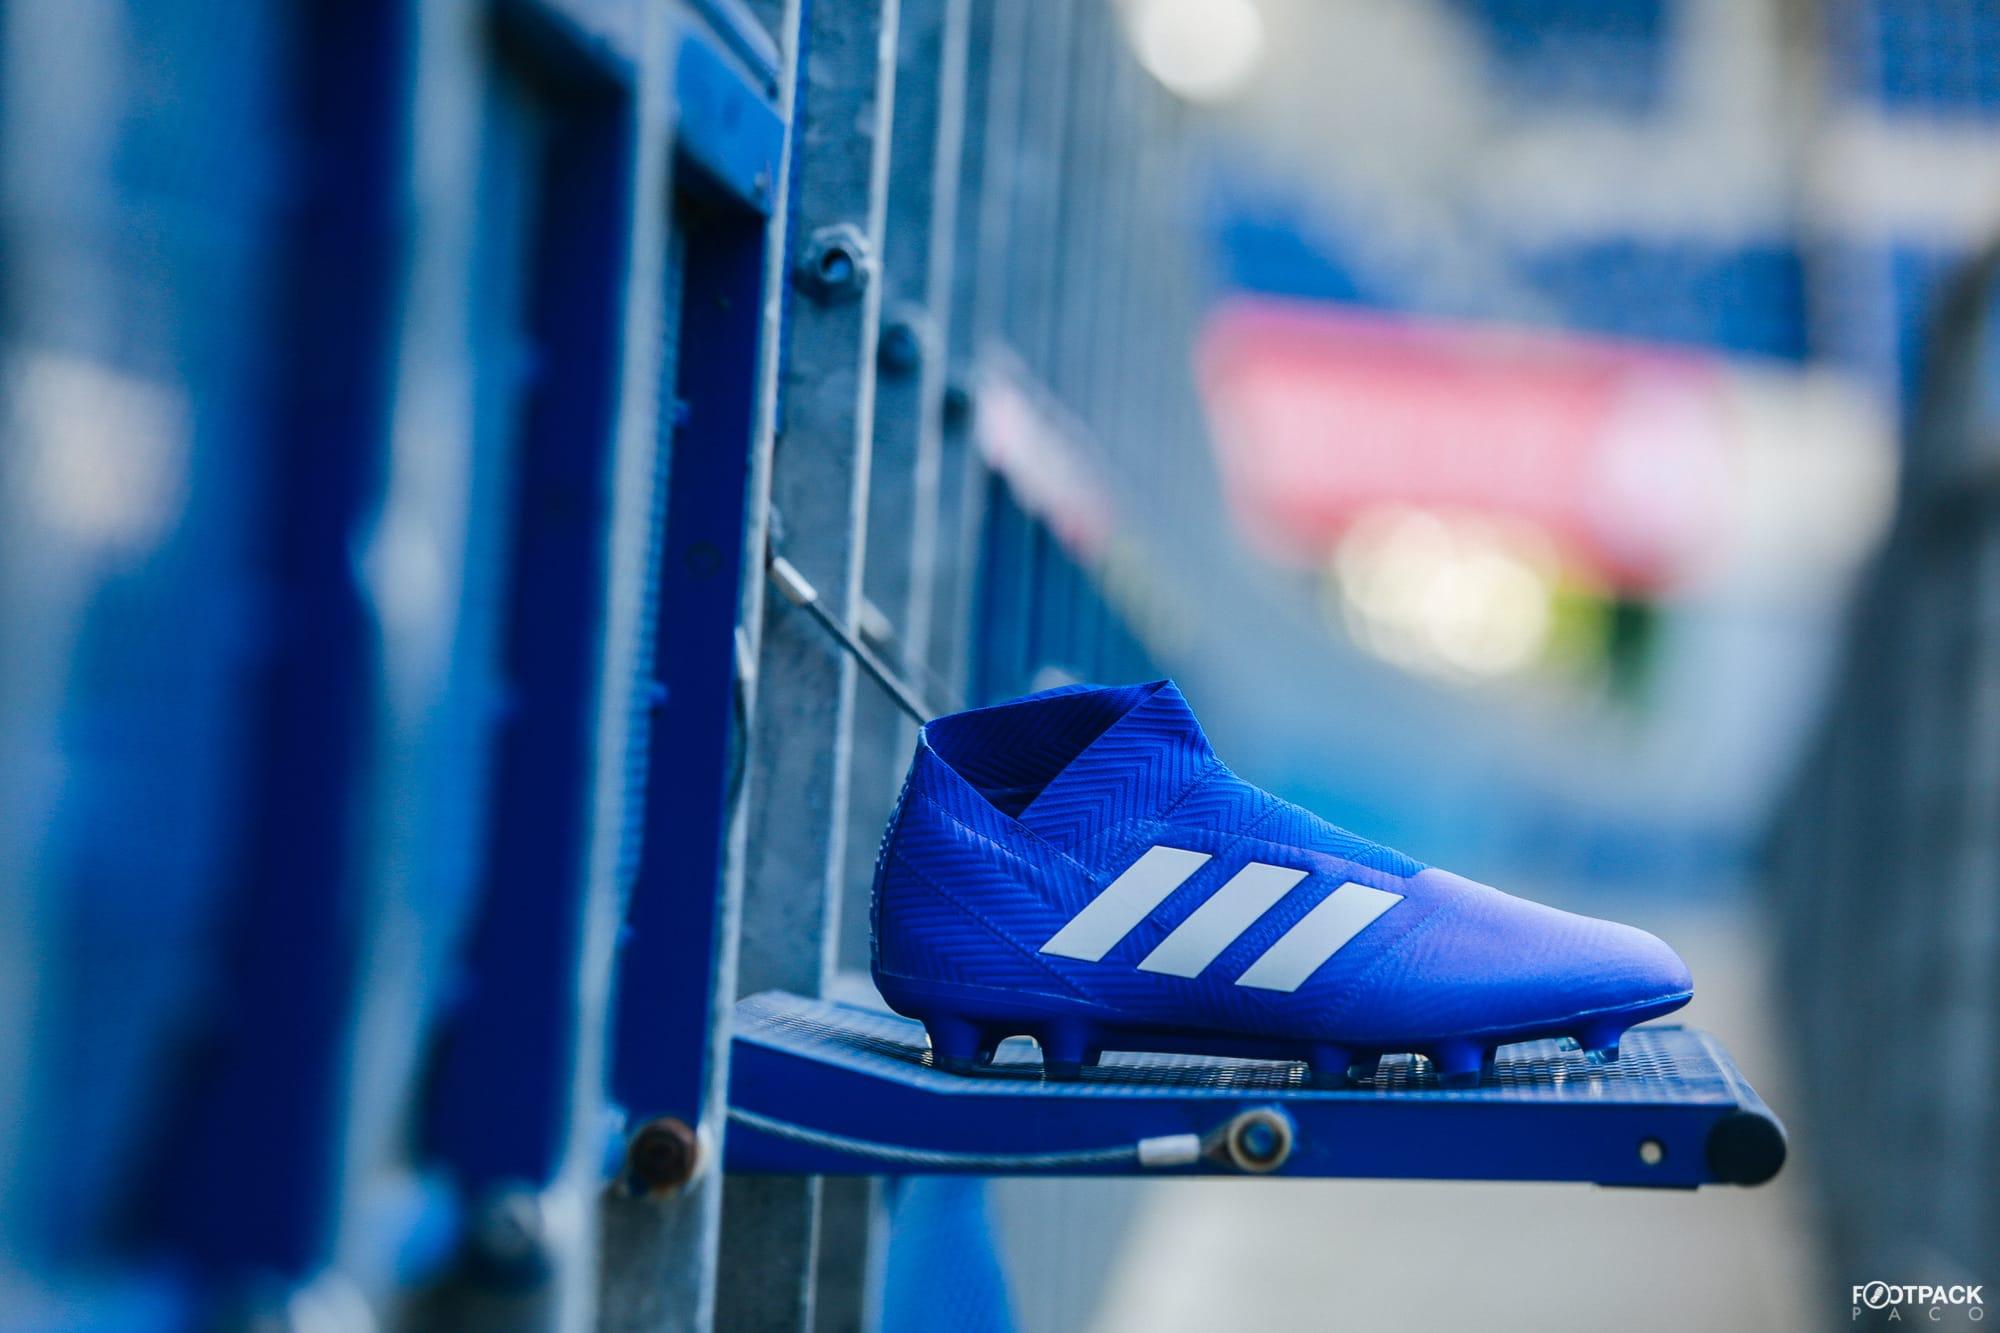 chaussures-football-adidas-Nemeziz-team-mode-juillet-2018-2